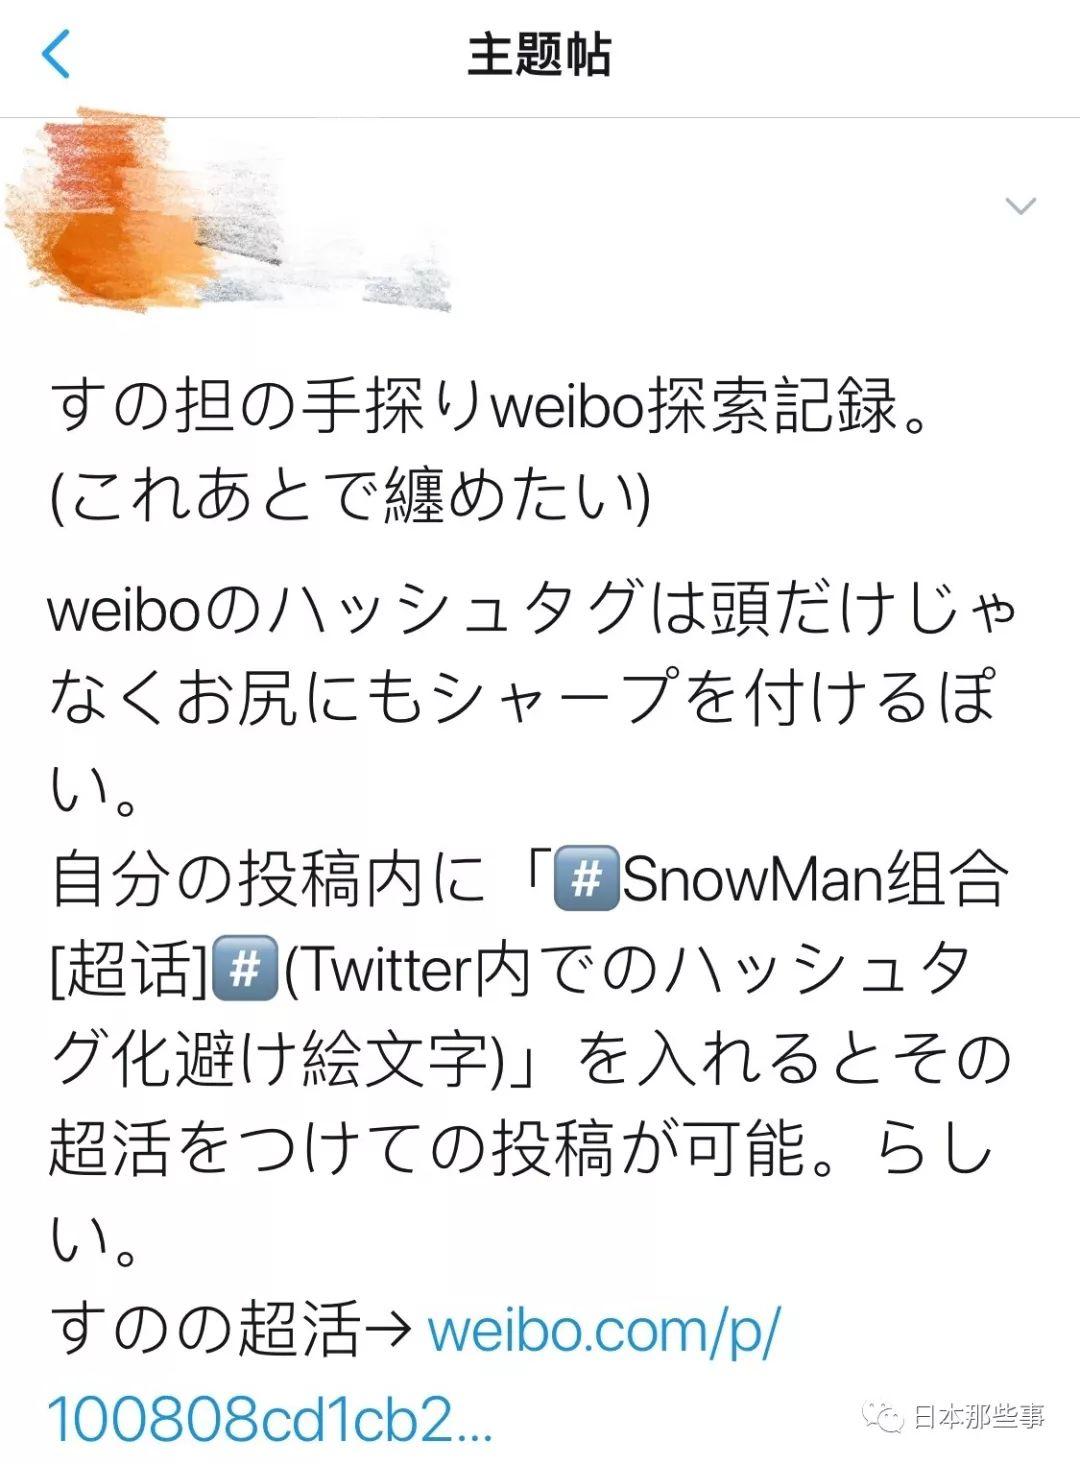 杰尼斯明星开微博 日本粉丝研究微博用法